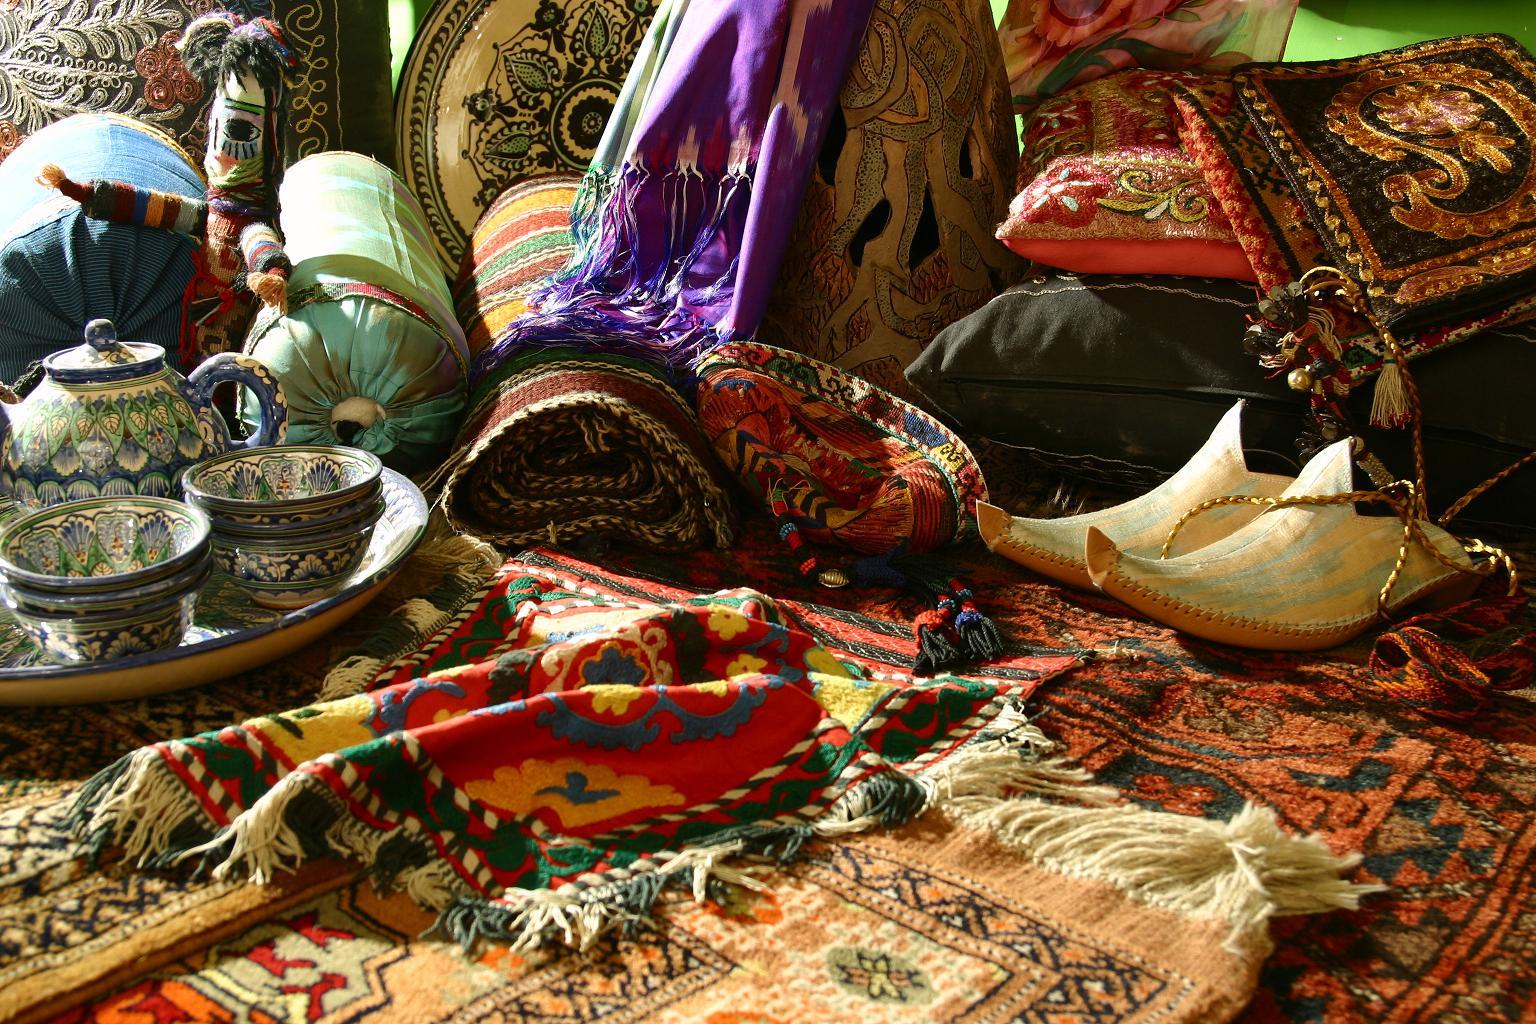 ЮНЕСКО открывает Центр развития ремесел в Узбекистане